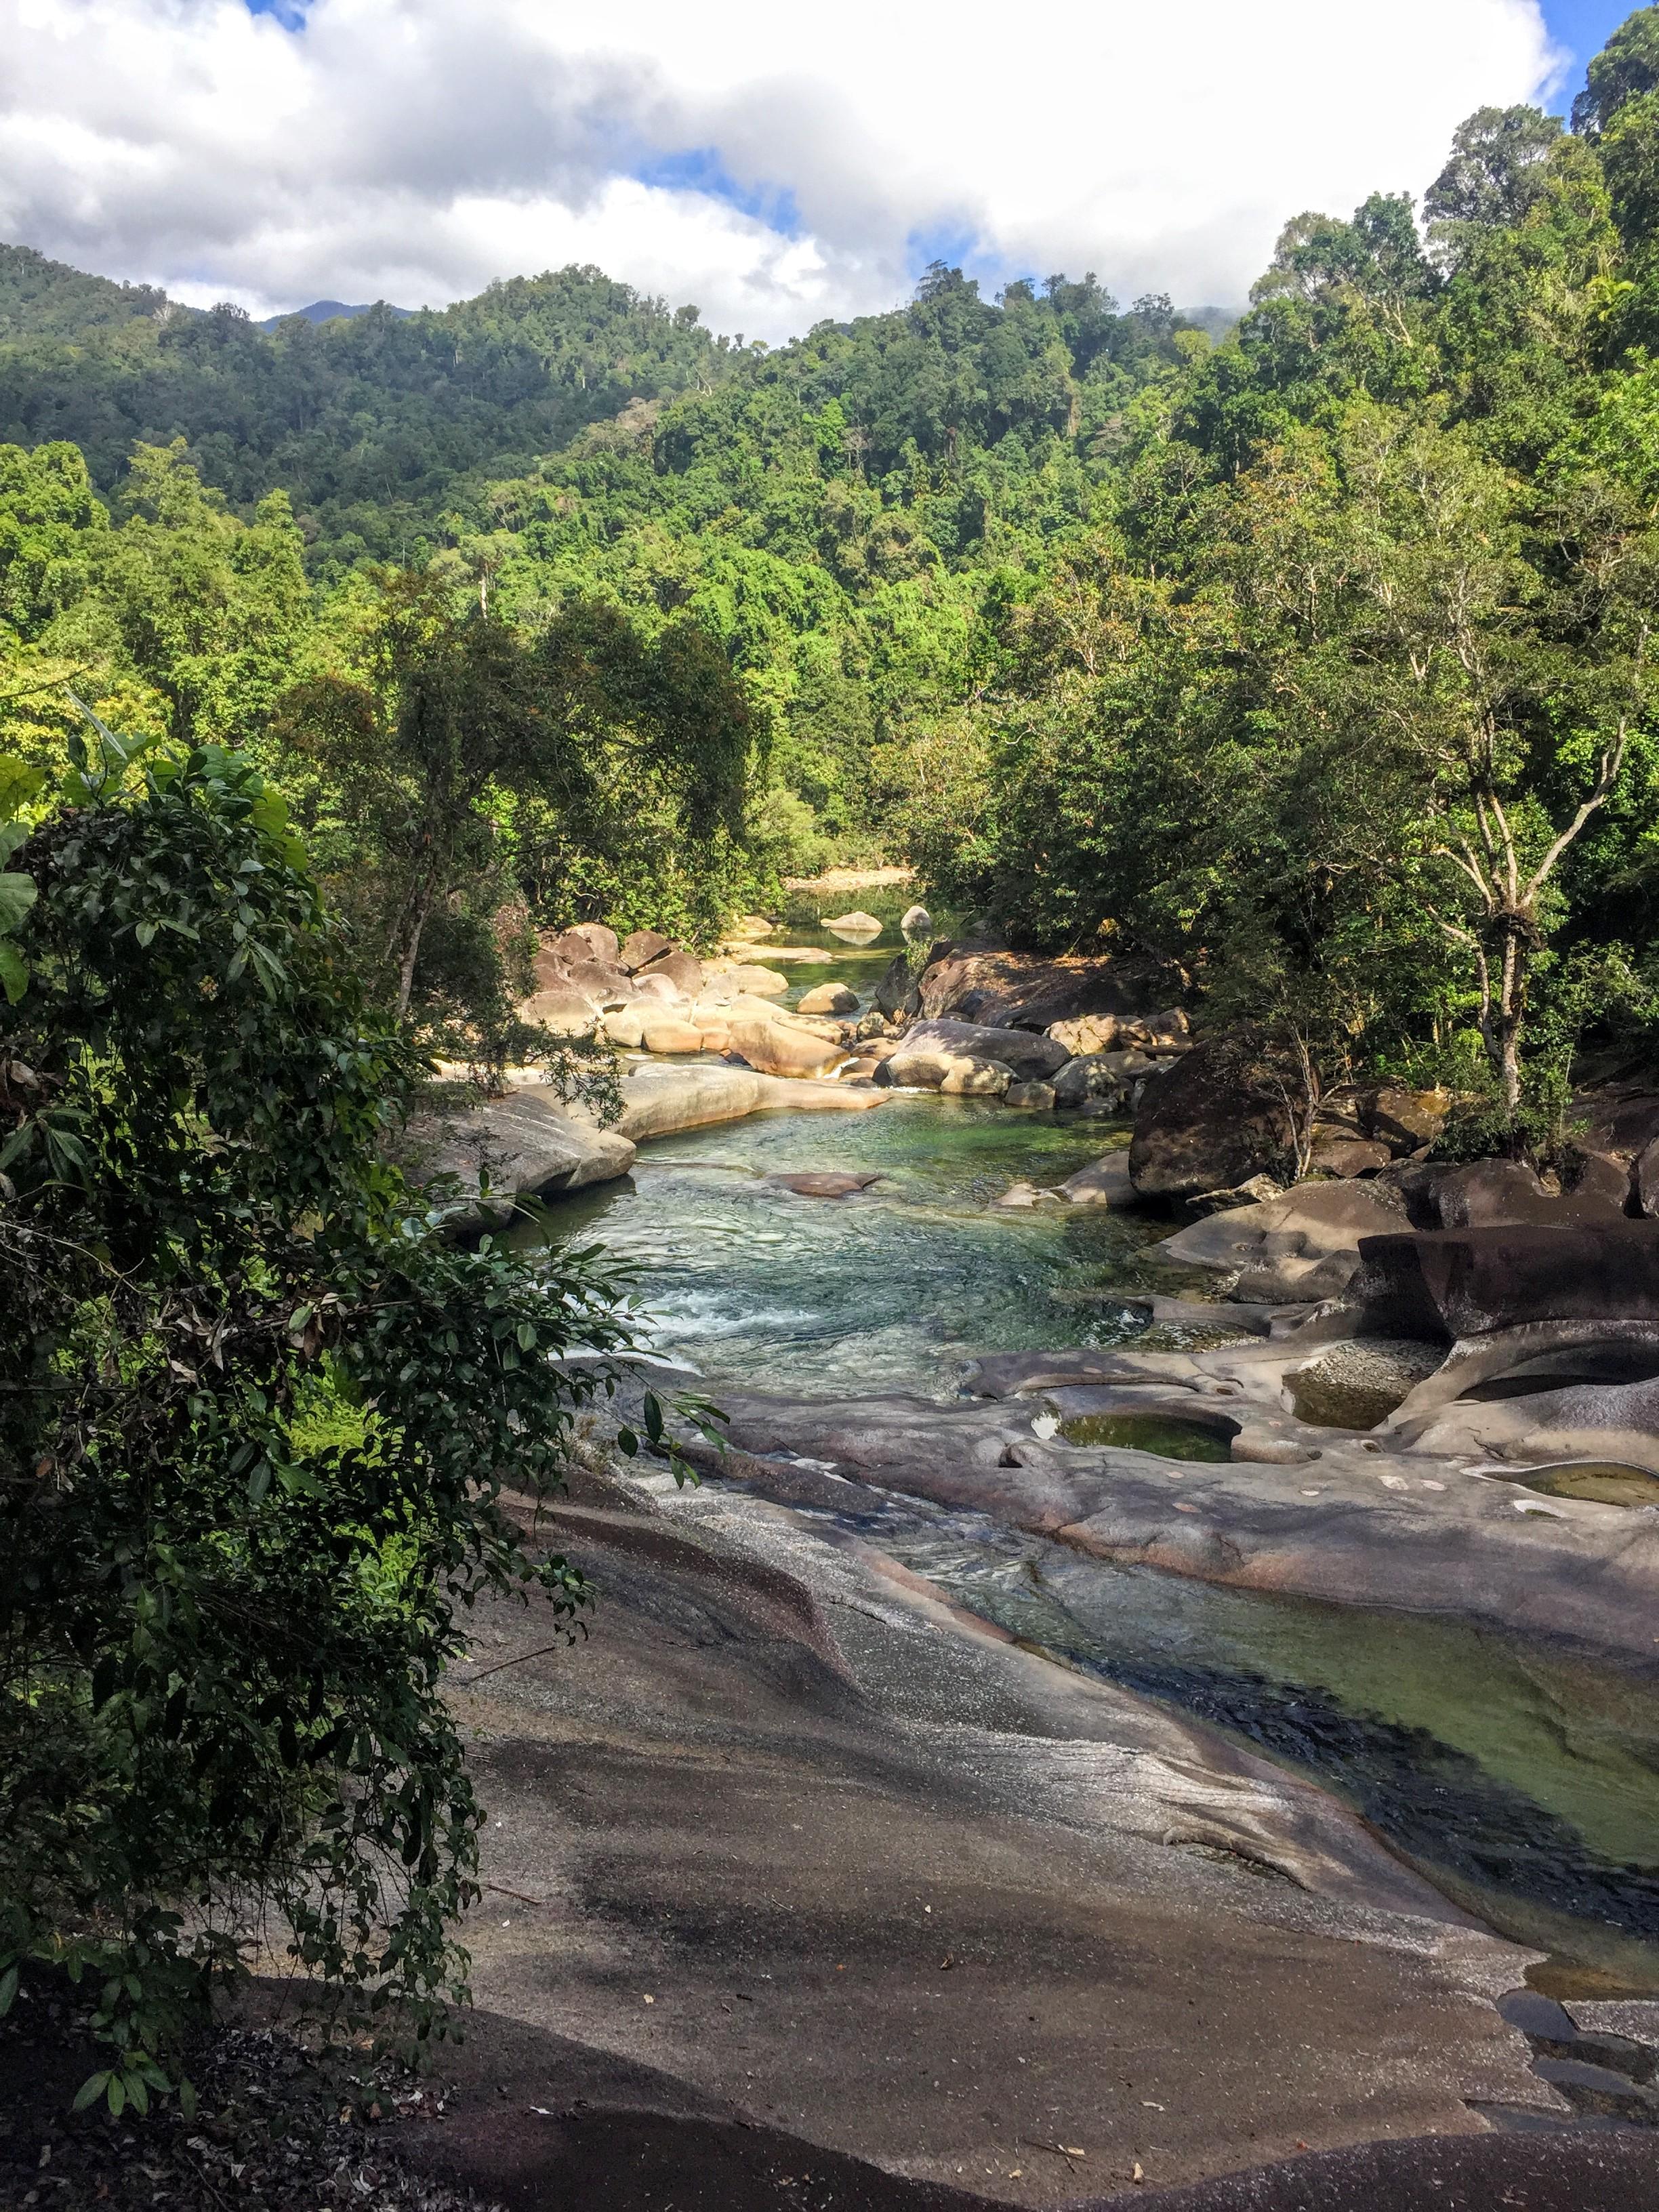 The Babinda Boulders